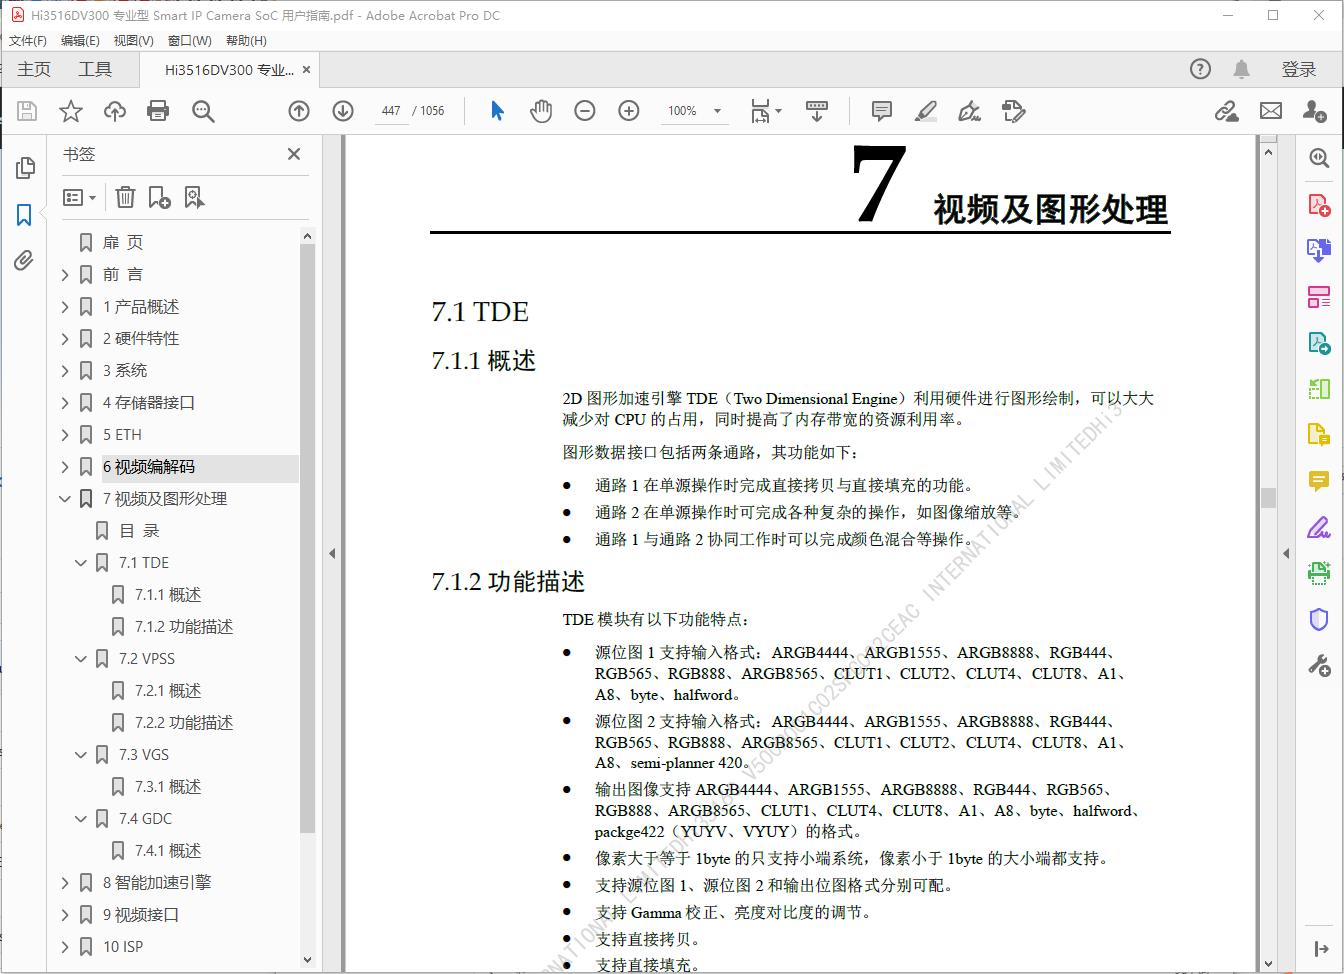 #2020征文-开发板# 用鸿蒙开发AI应用(一)硬件篇